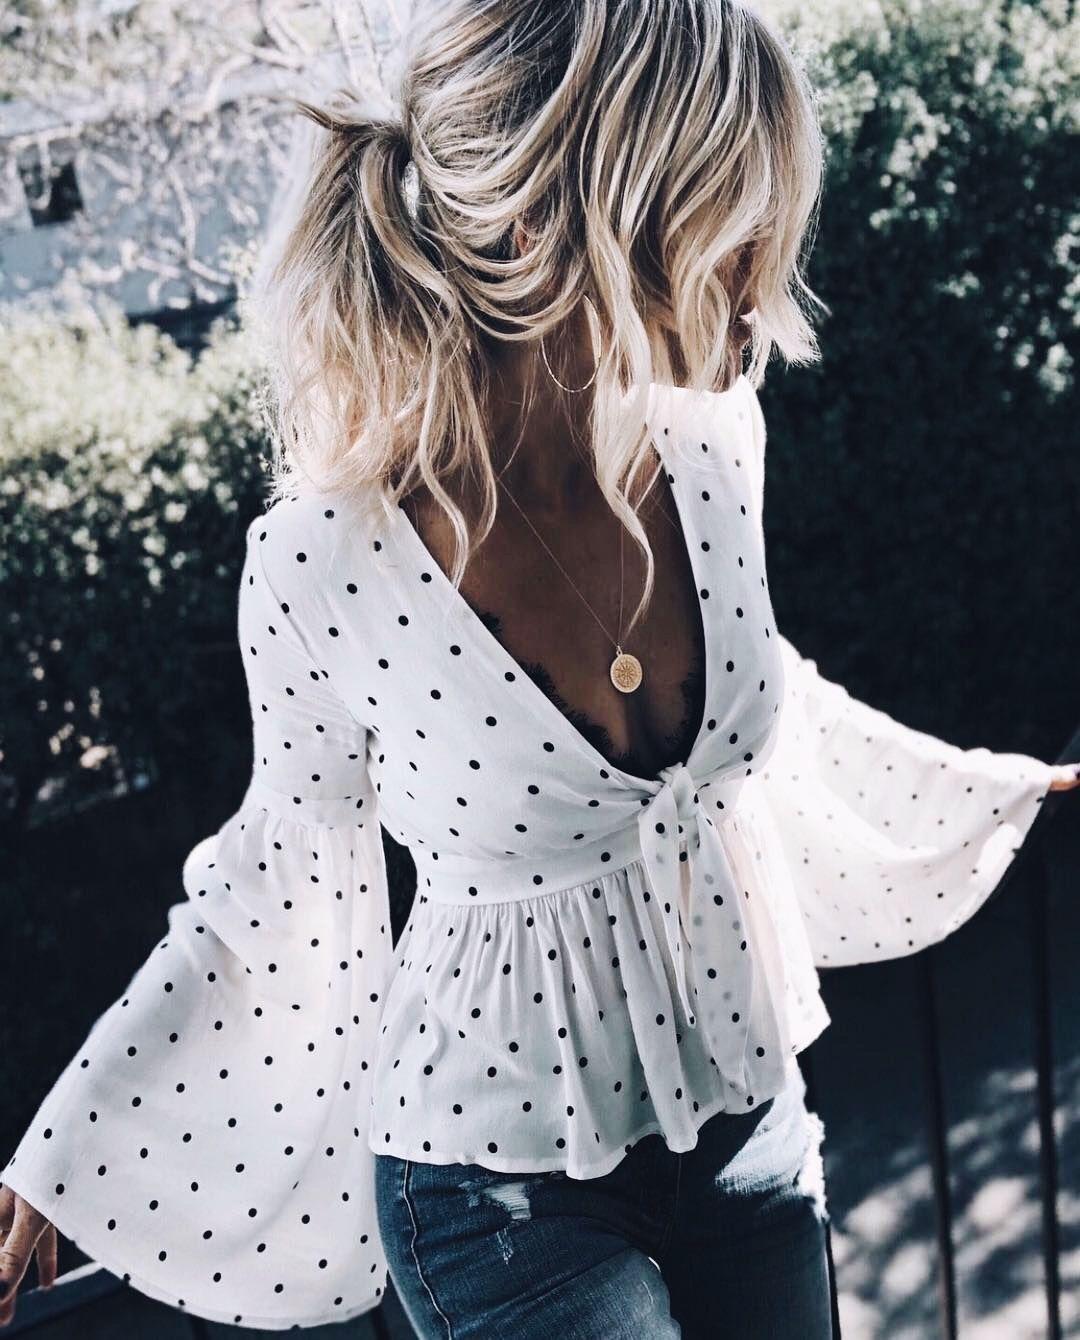 aed0c030fa Blusa com manga cigana branca de bolinha preta com decote em v. Pinterest    giovana